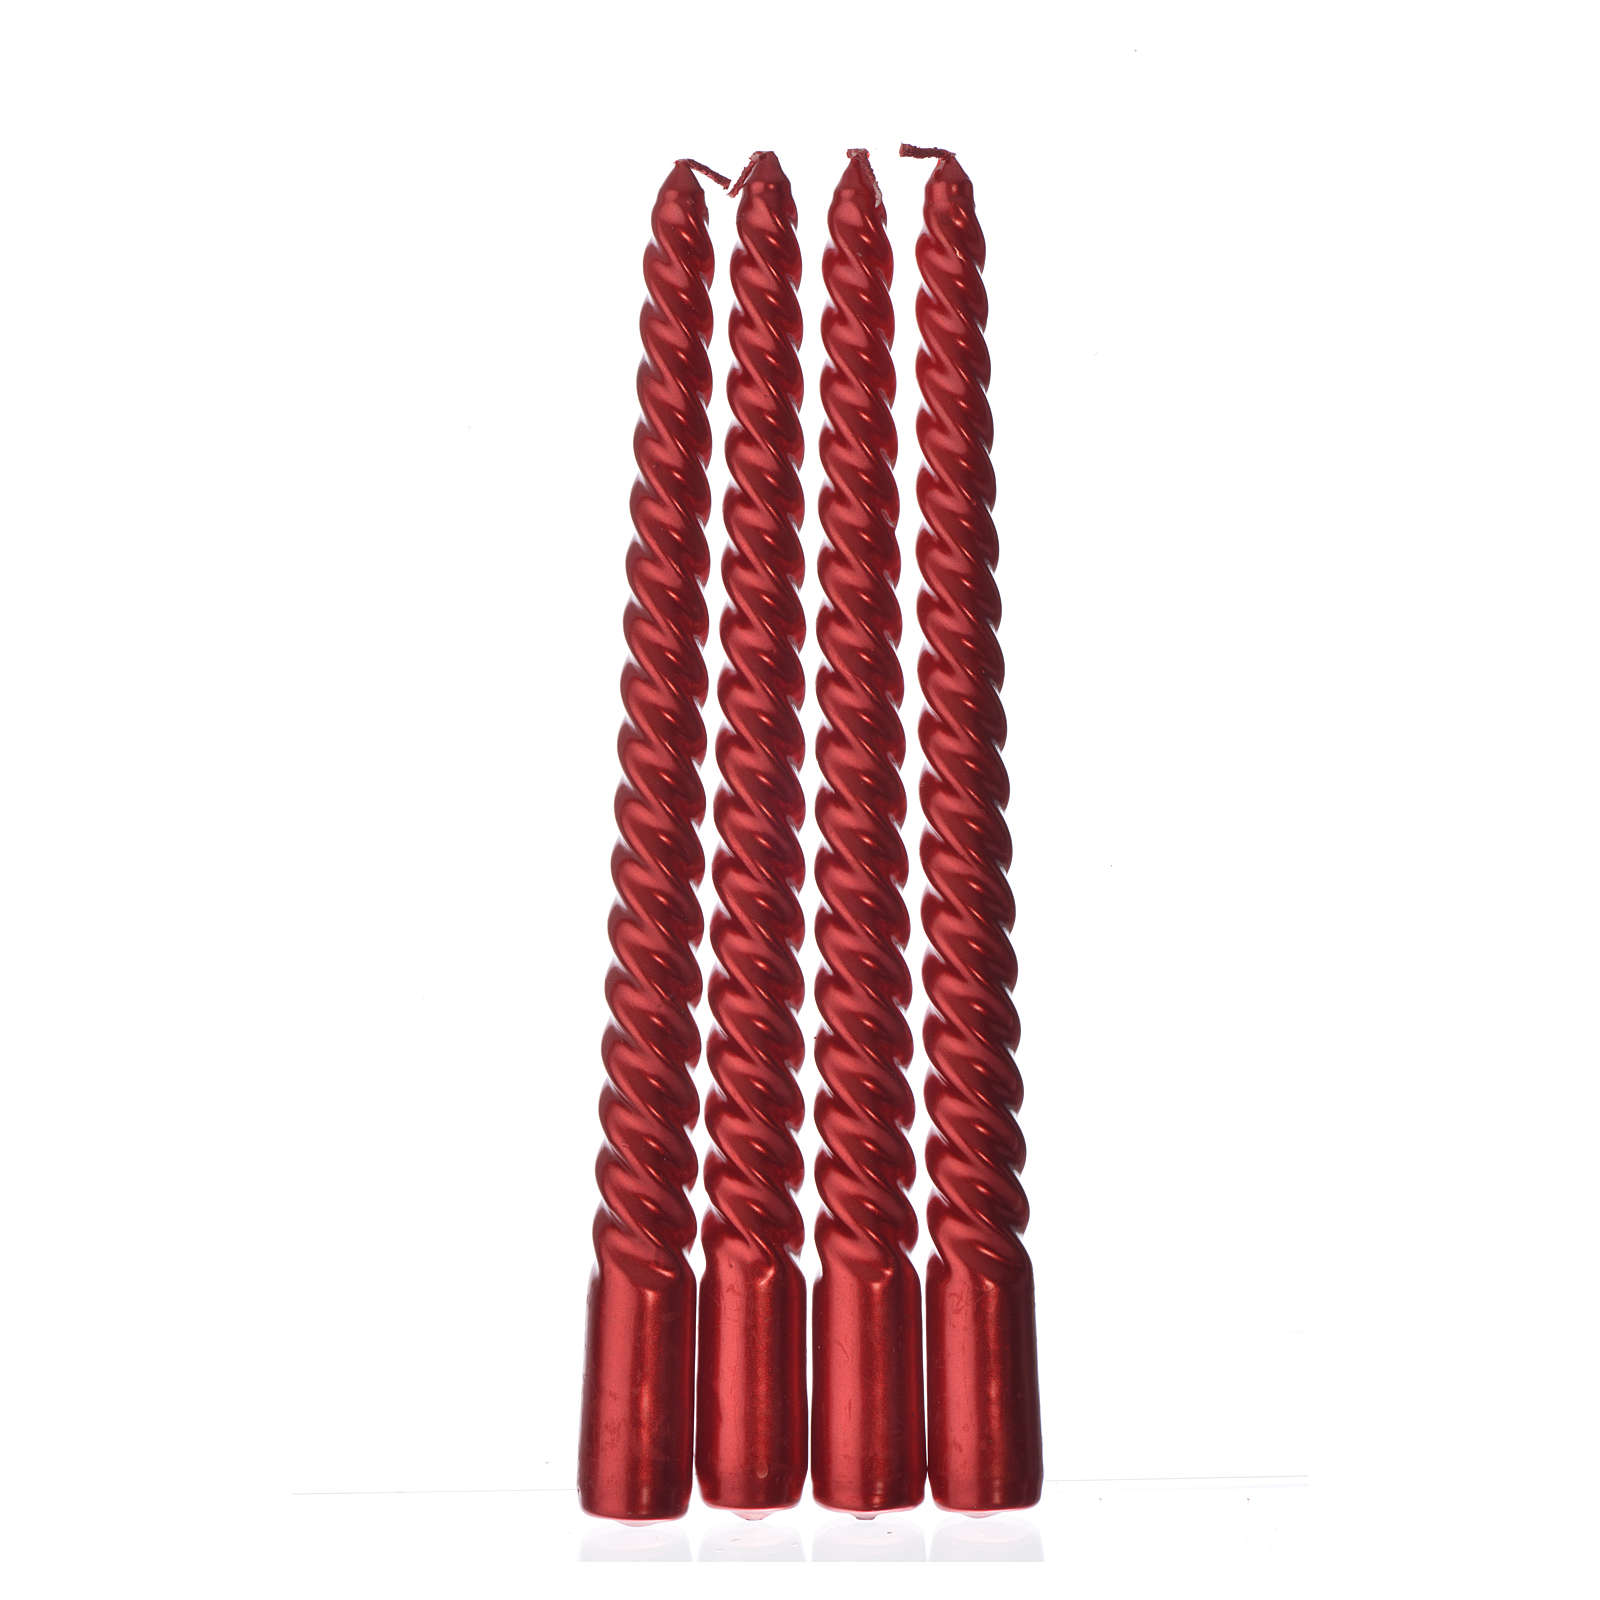 Candele di Natale torciglione rosse set 4 pz 3